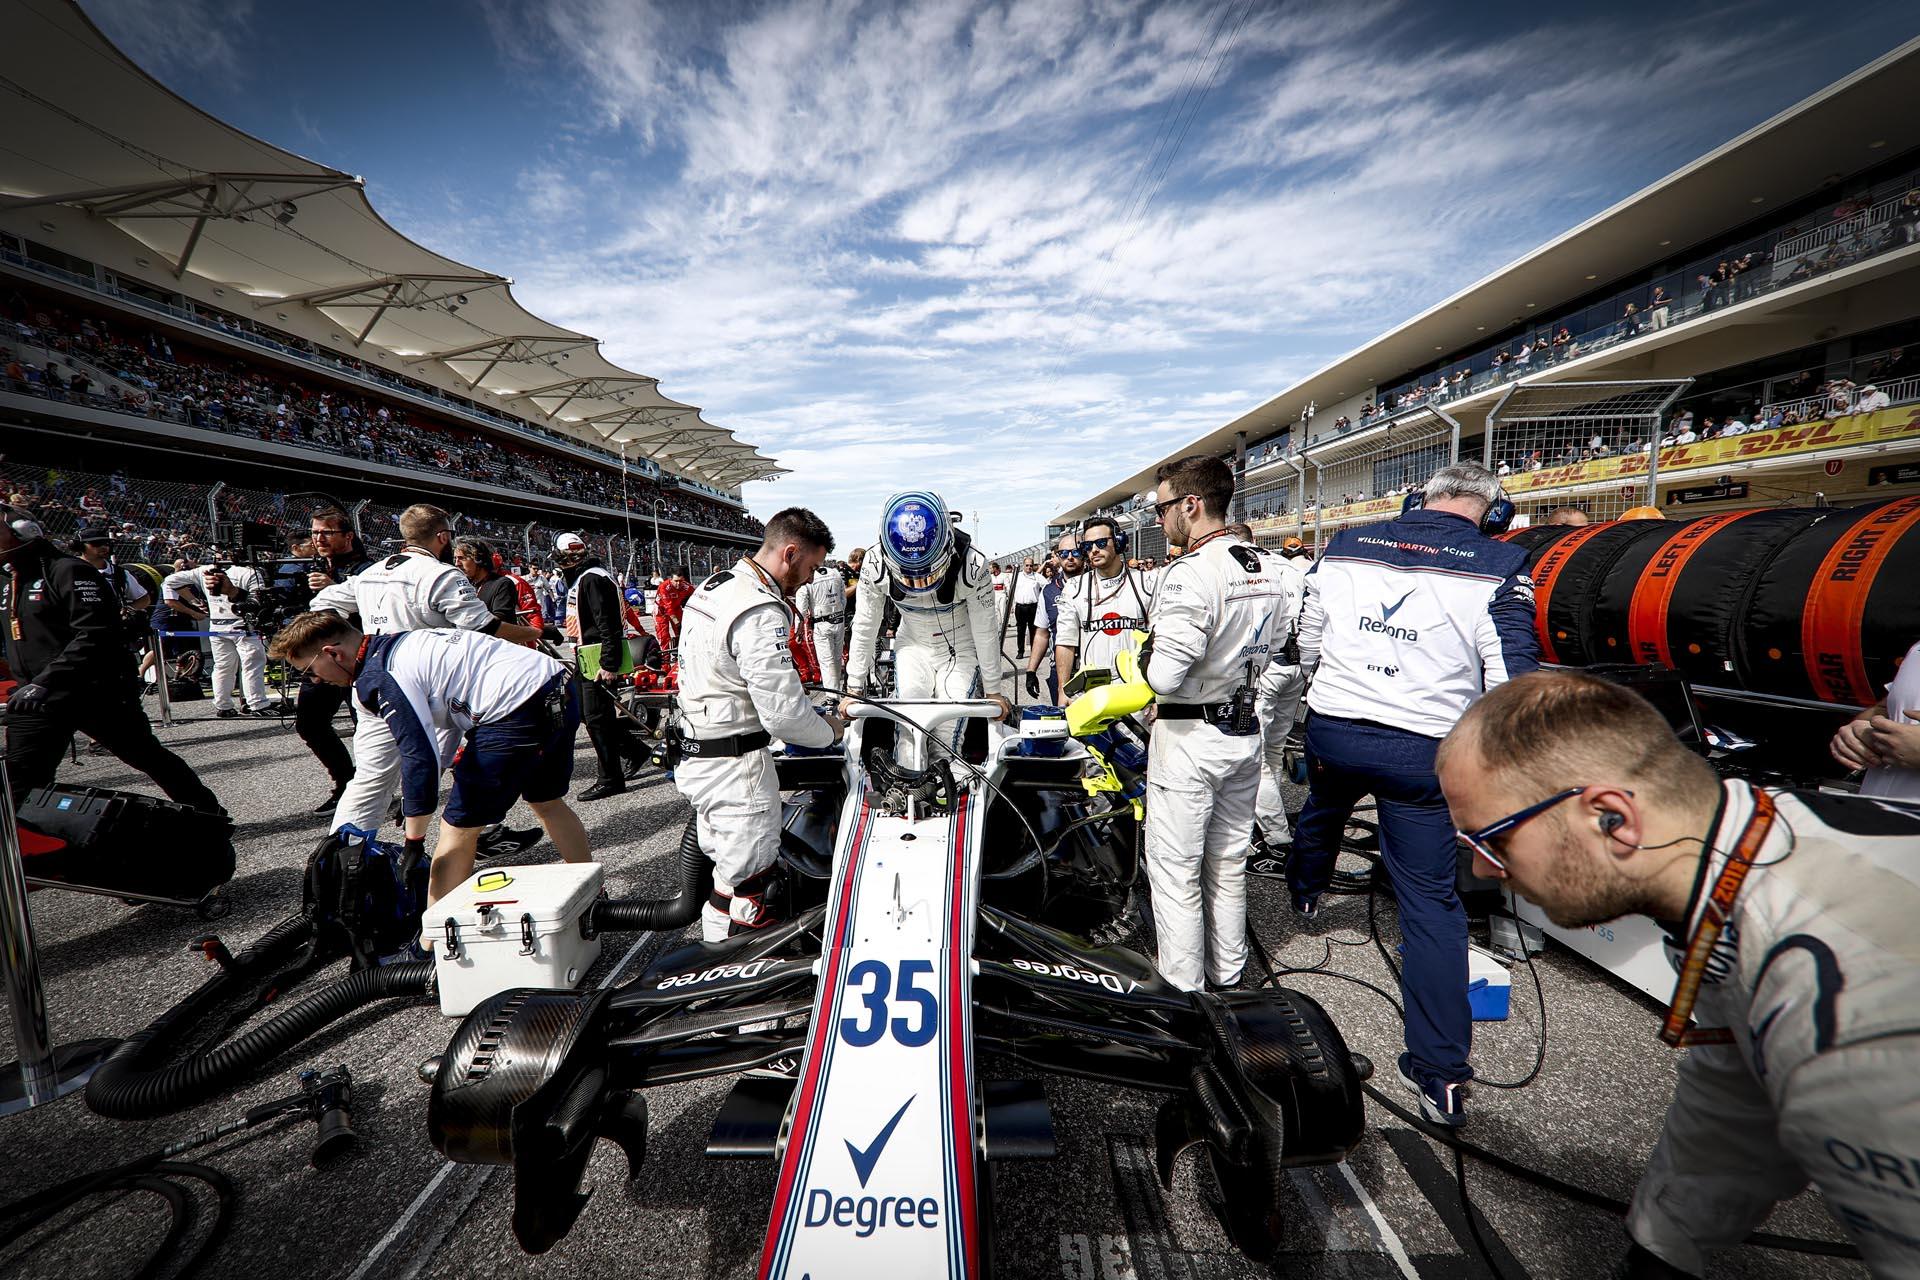 Пилот программы SMP Racing, гонщик команды Williams Martini Racing Сергей Сироткин занял в гонке 13-е место.